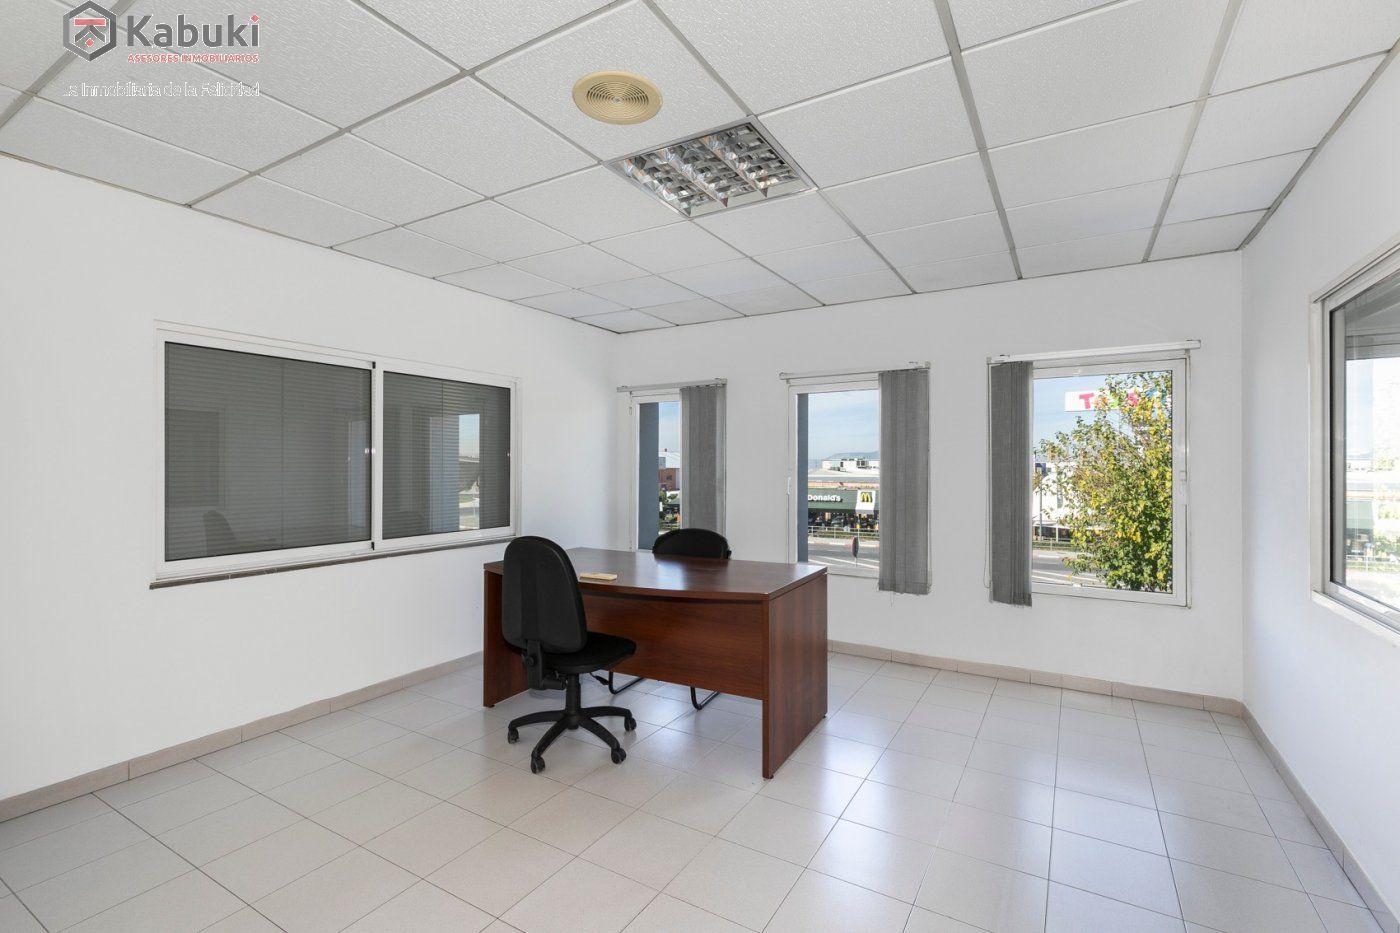 Magnífica oficina luminosa con un inmejorable acceso desde la circunvalación - imagenInmueble7